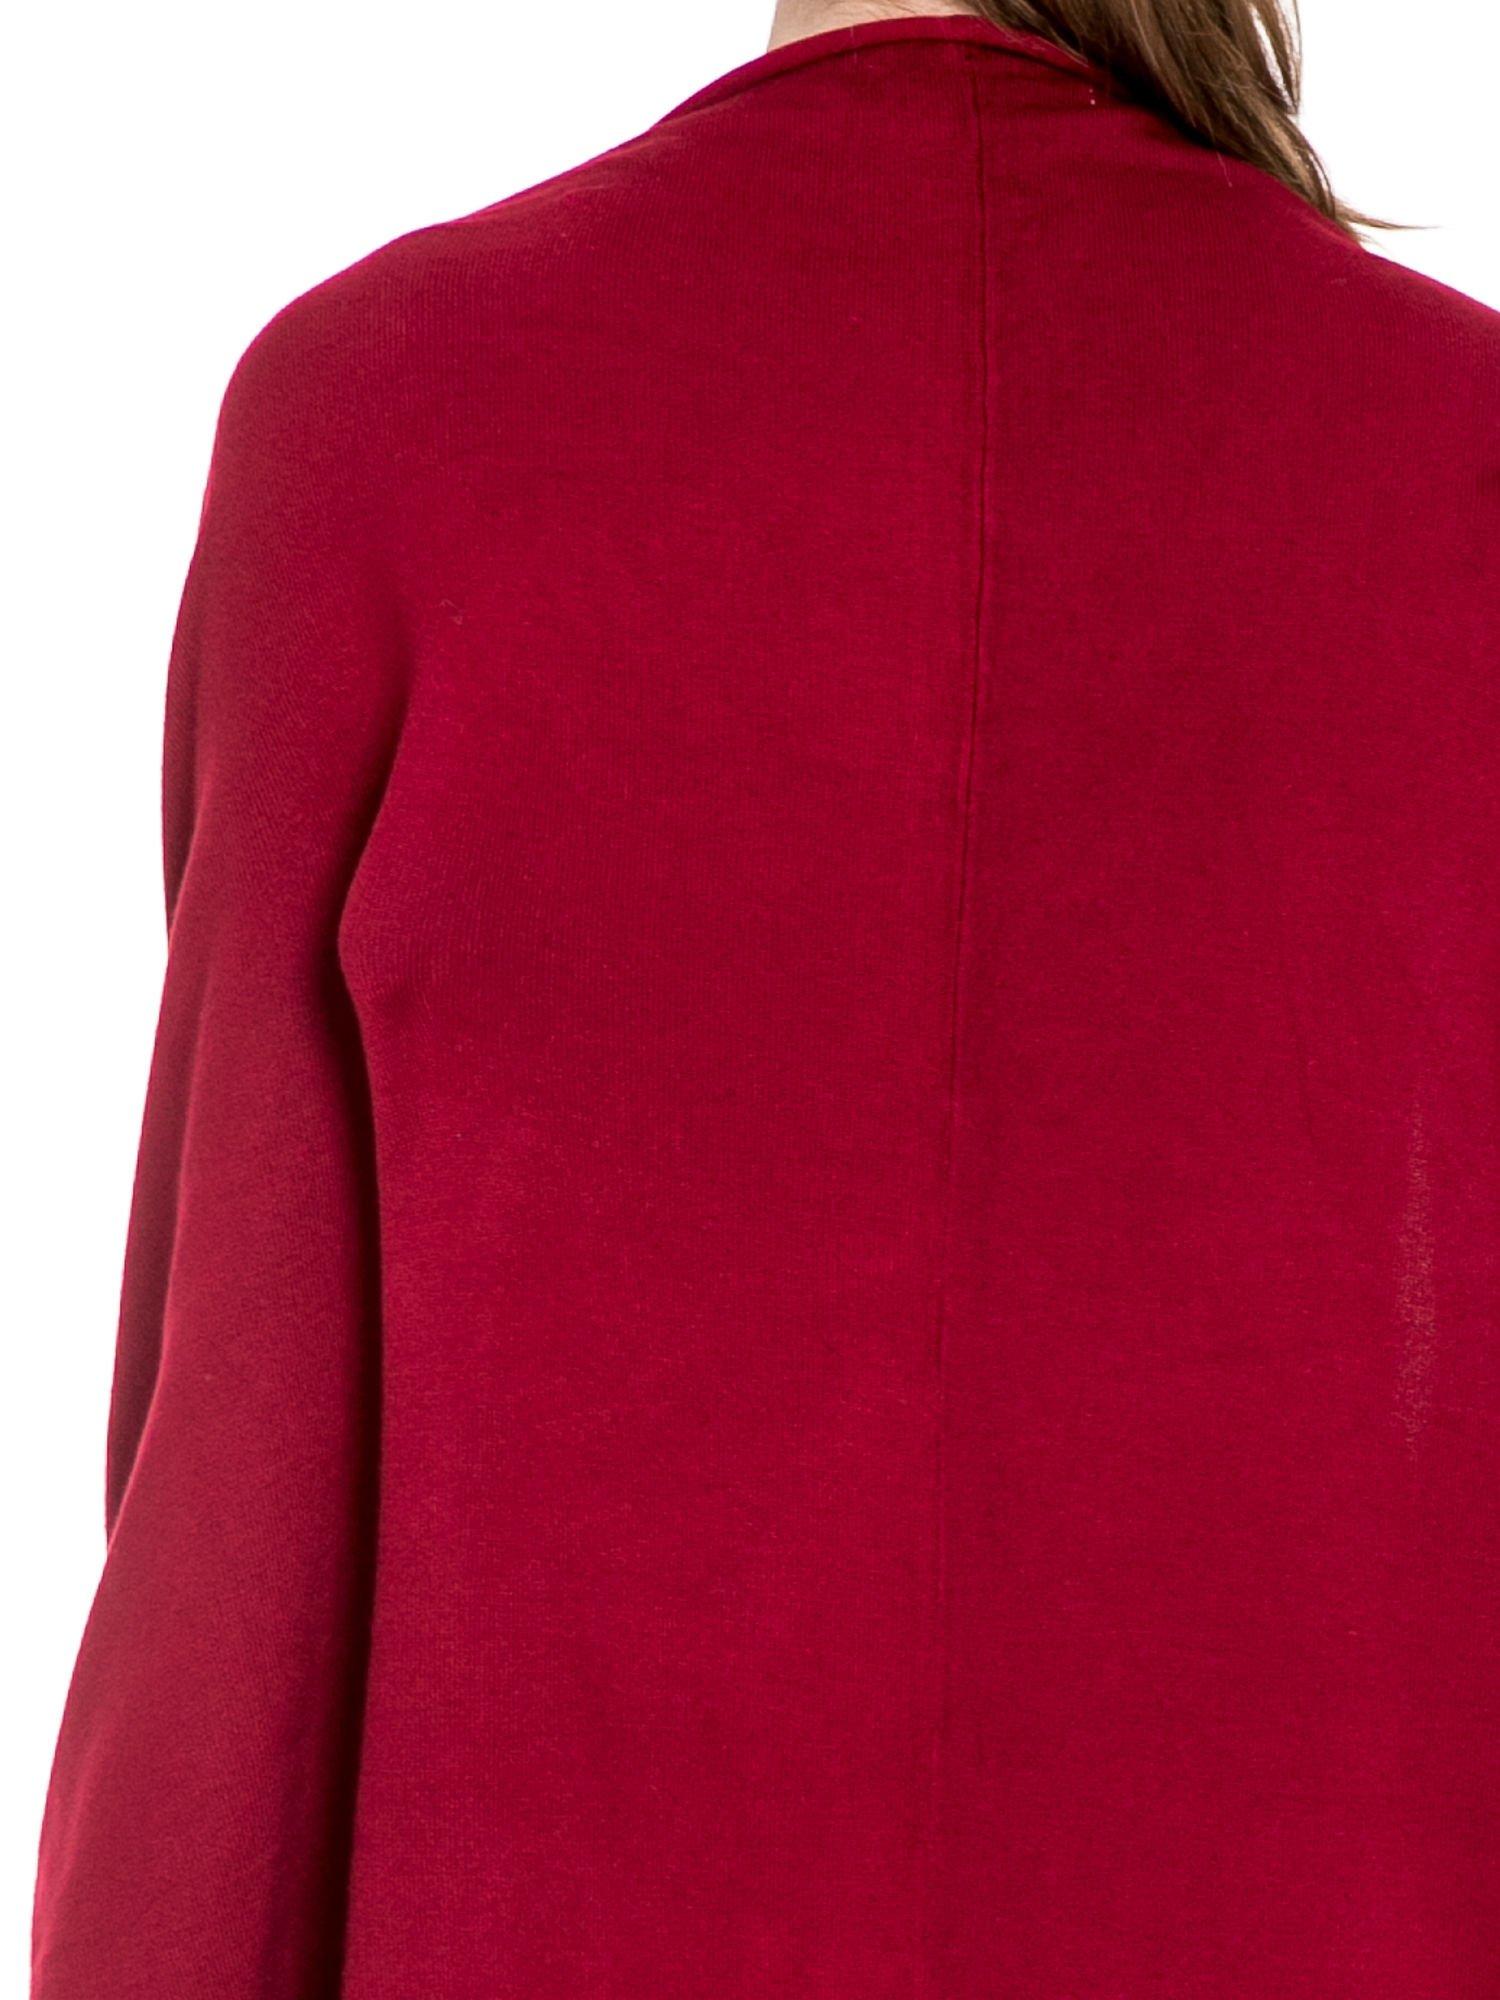 Ciemnoczerwony sweter narzutka z nietoperzowymi rękawami                                  zdj.                                  7